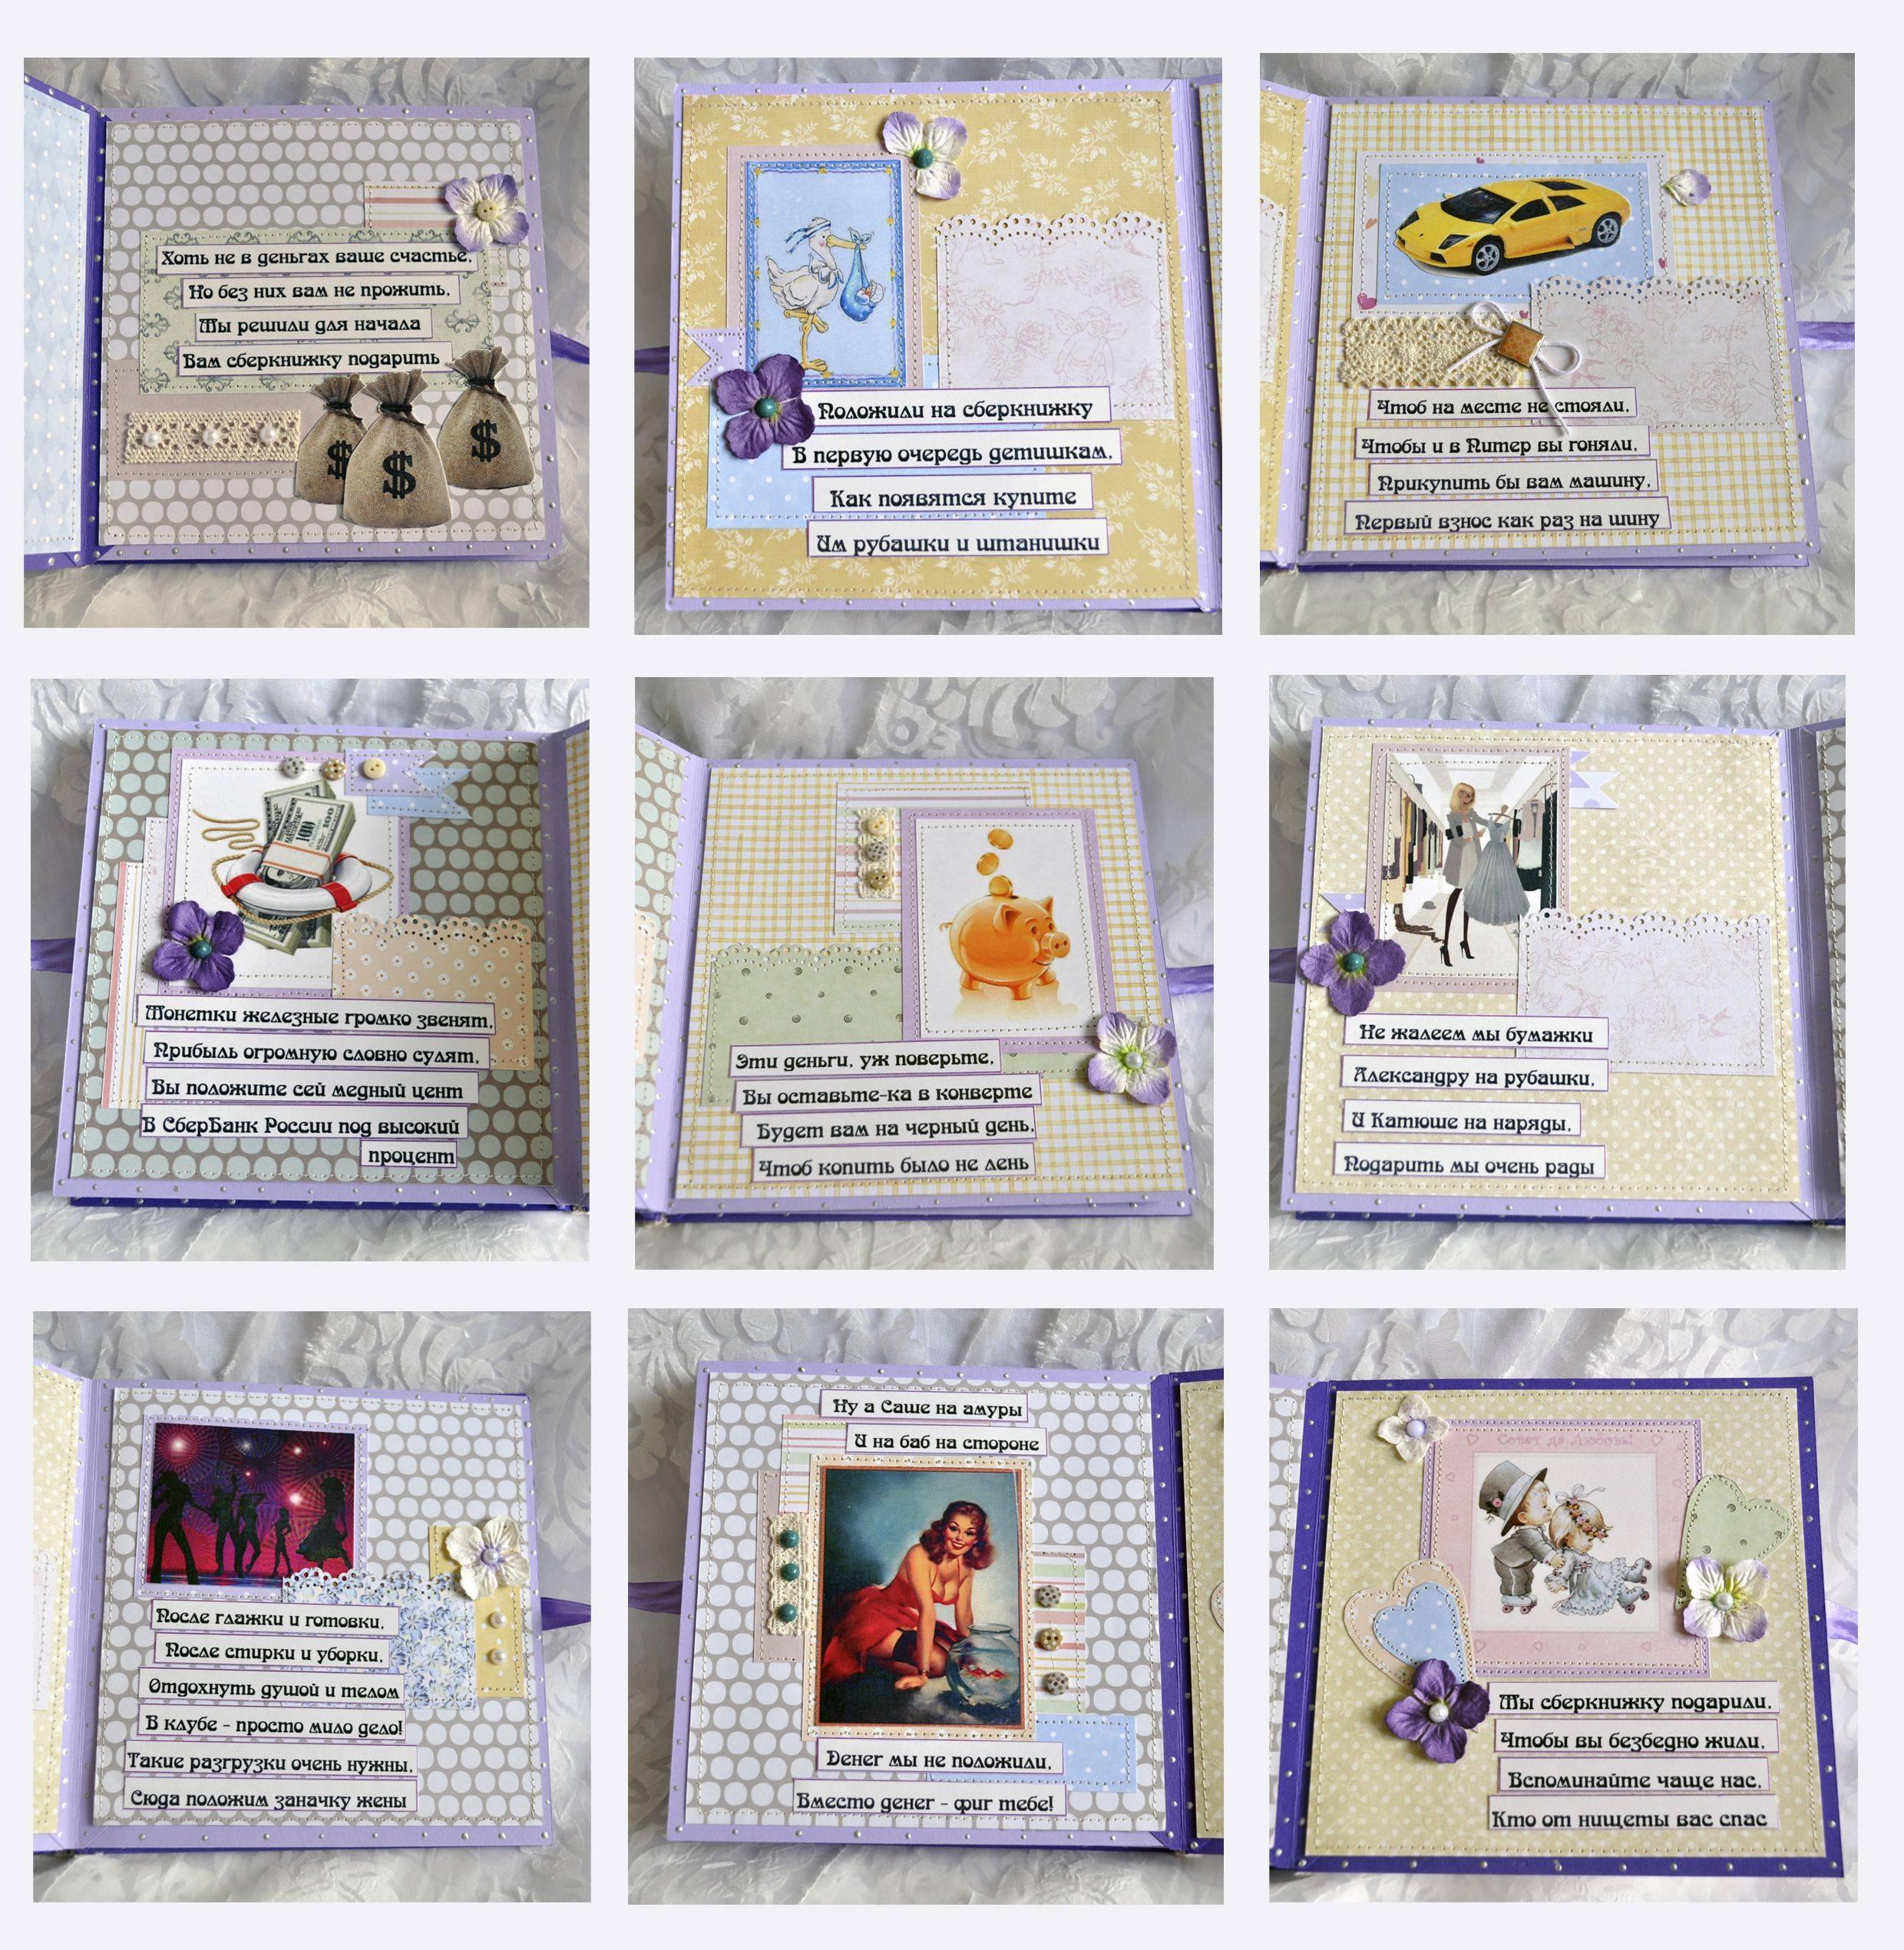 Сберкнижка для молодоженов своими руками: поздравительный текст и мастер класс